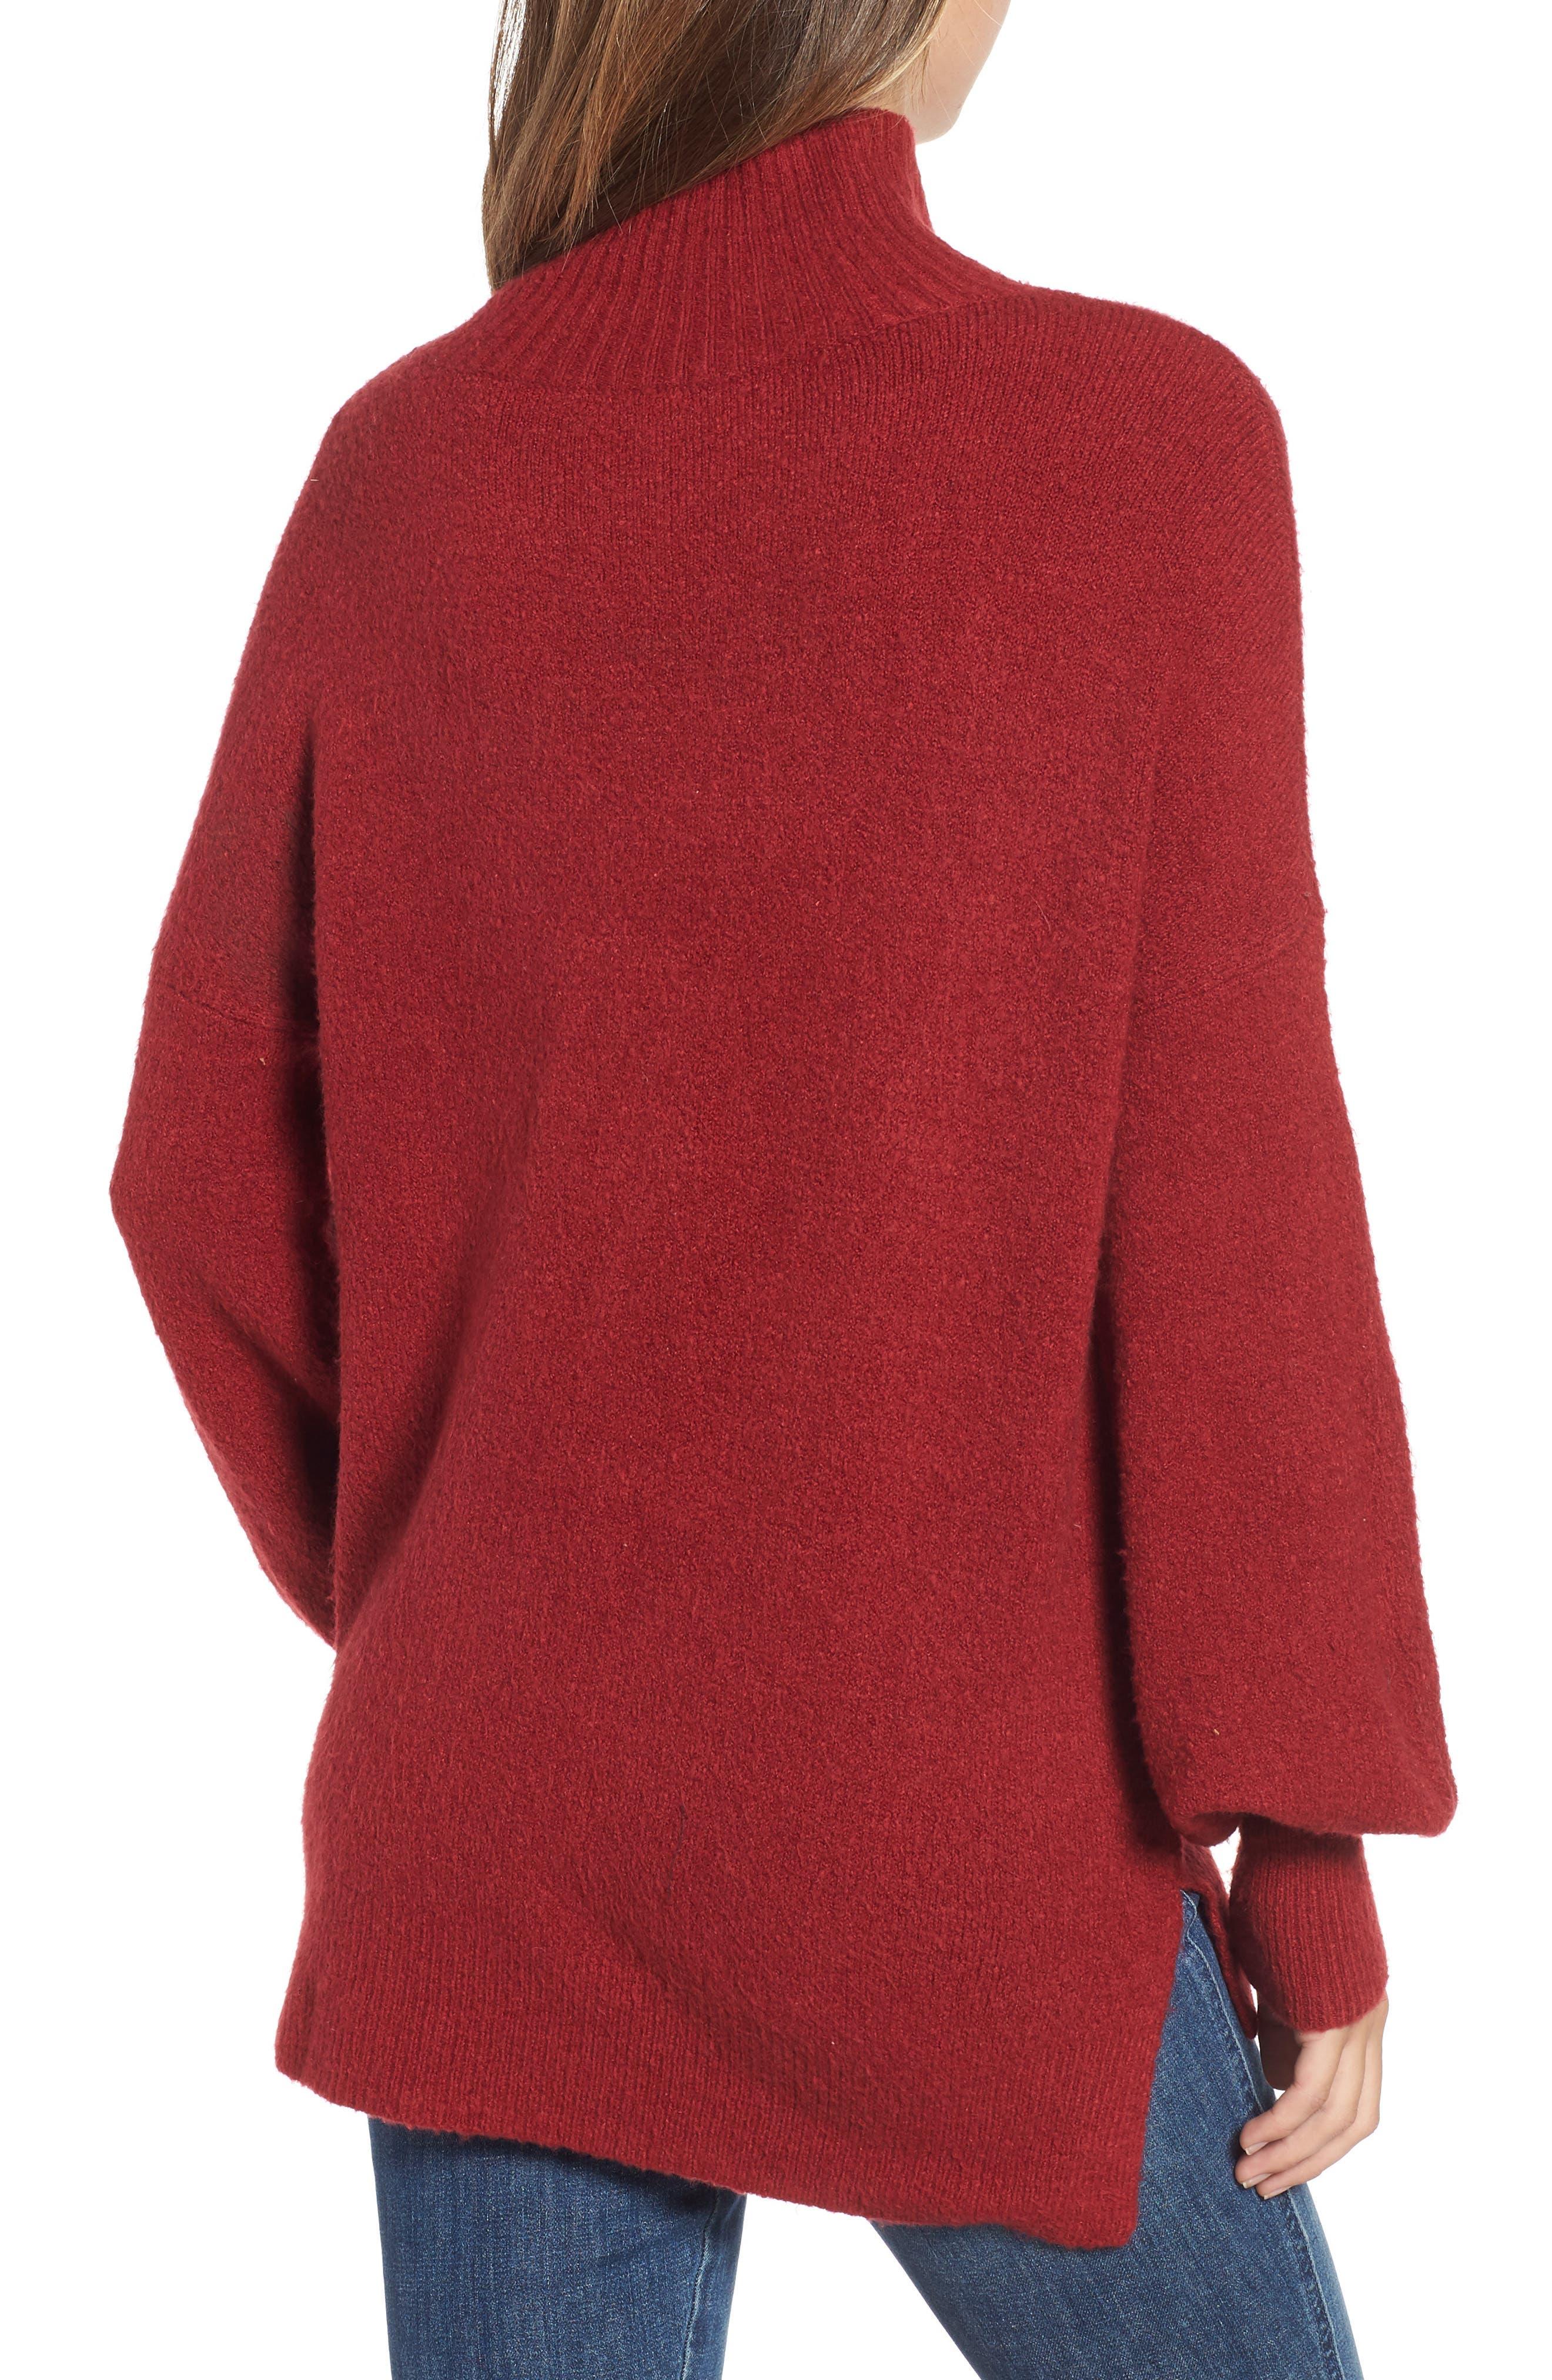 Orla Sweater,                             Alternate thumbnail 2, color,                             DEEP FRAMBOISE